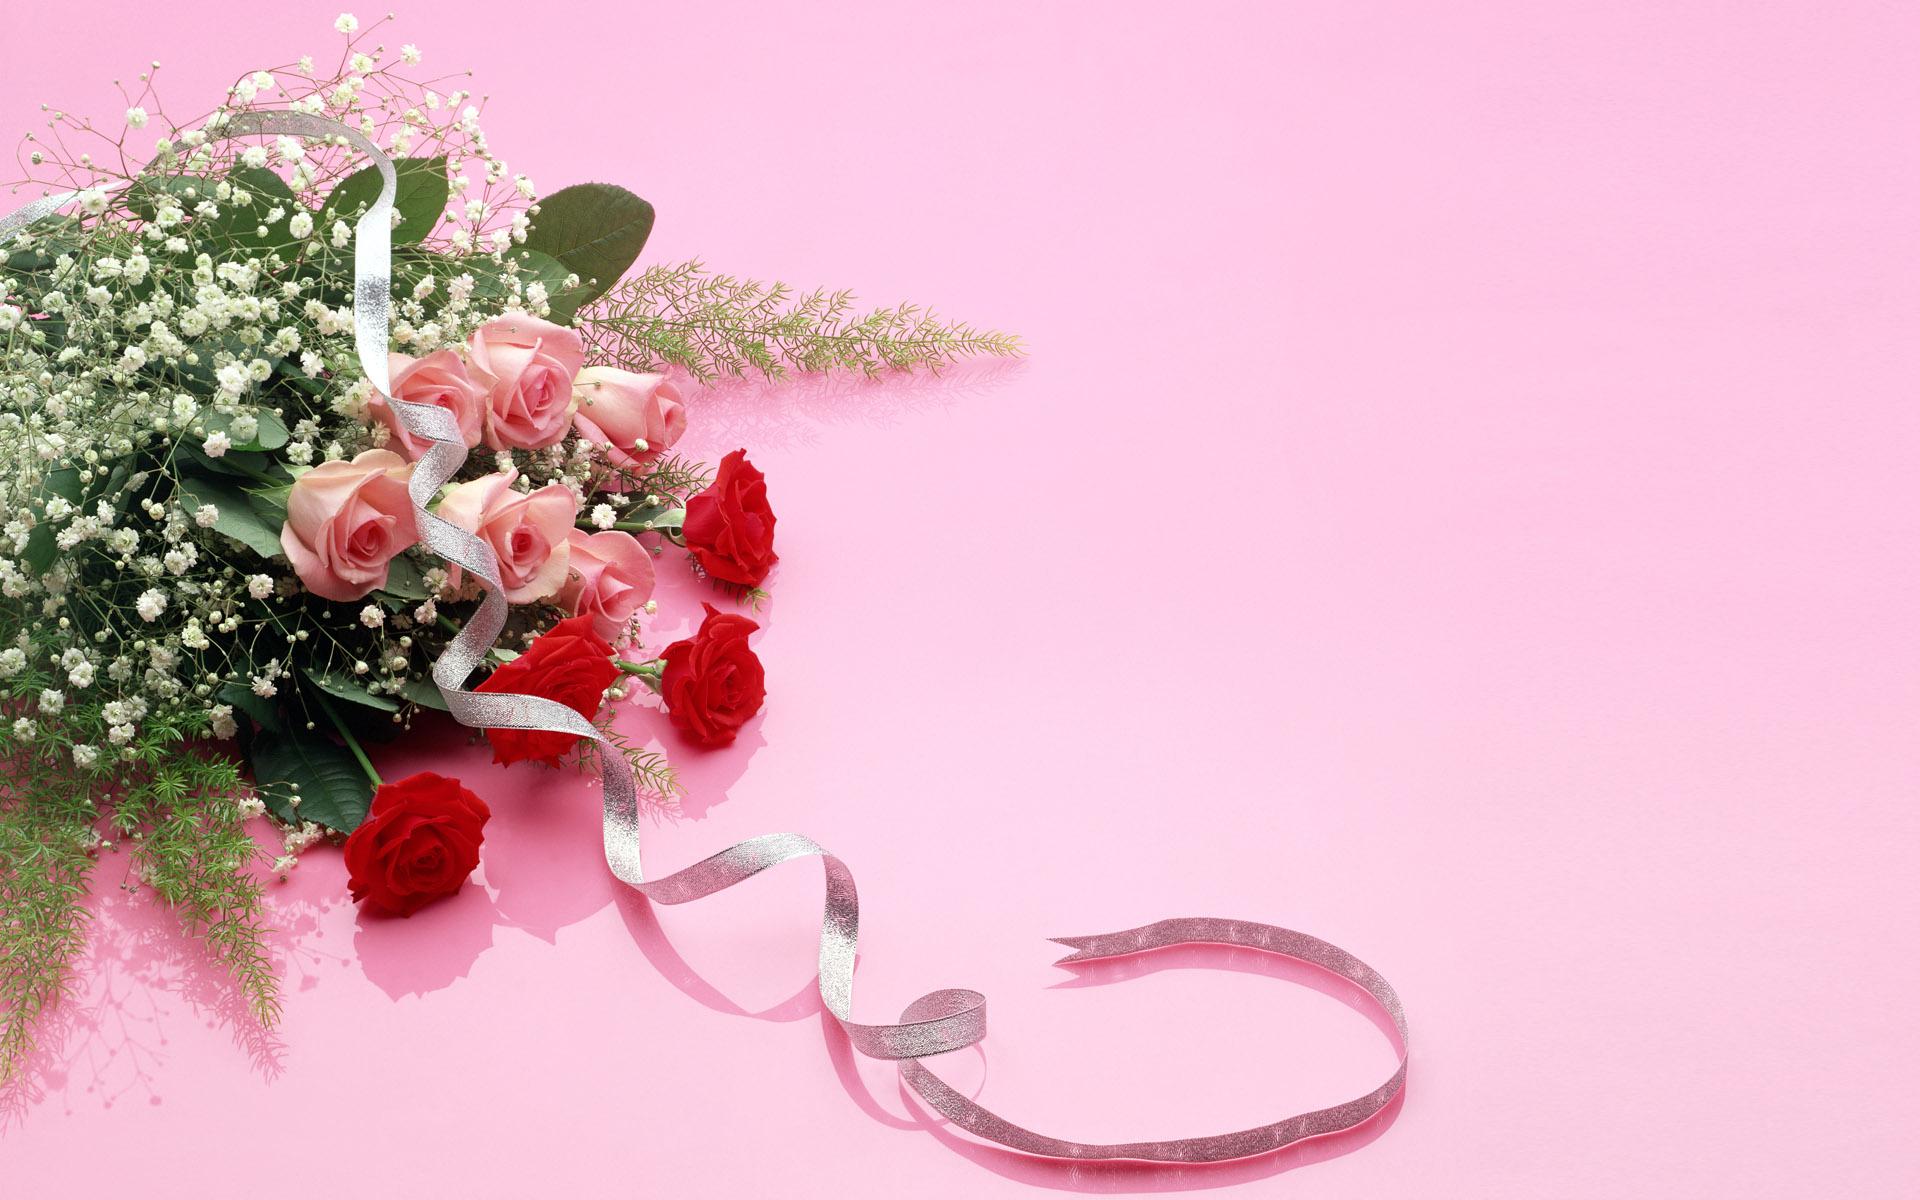 Картинки цветов с надписями поздравления с днём рождения